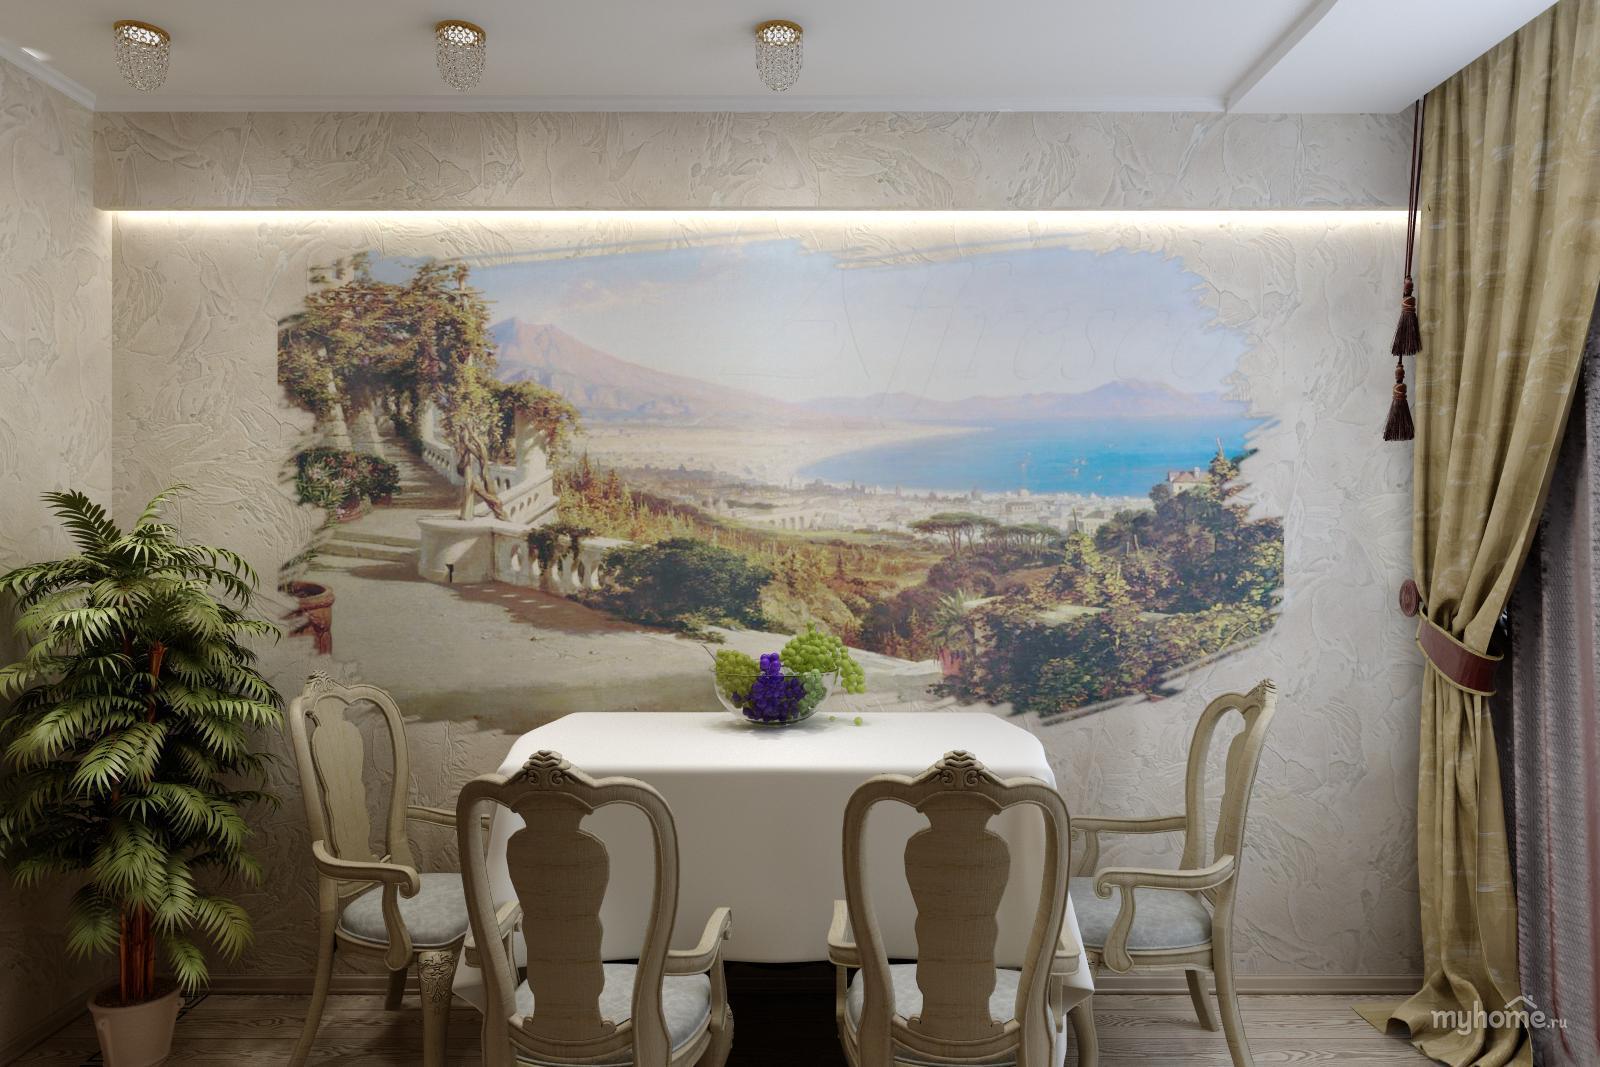 Фреска на стене - 50 фото необычного оформления дизайна